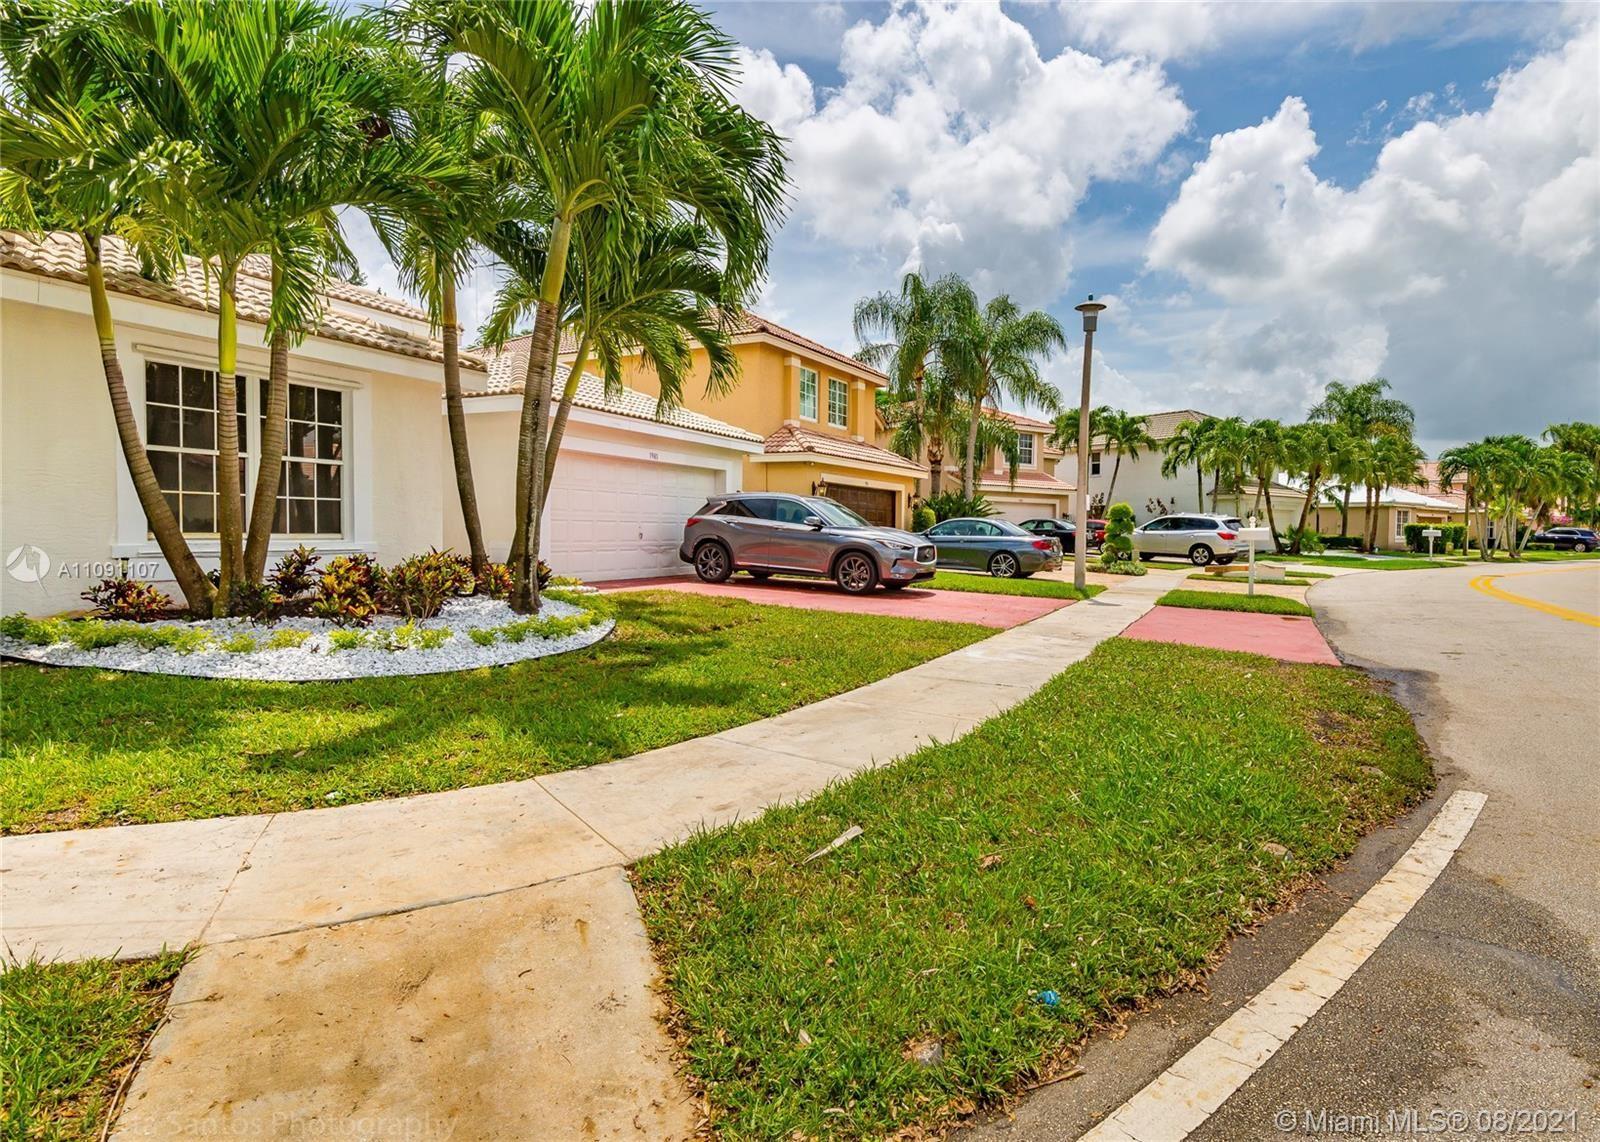 1901 SW 179th Ave, Miramar, FL 33029 - #: A11091107